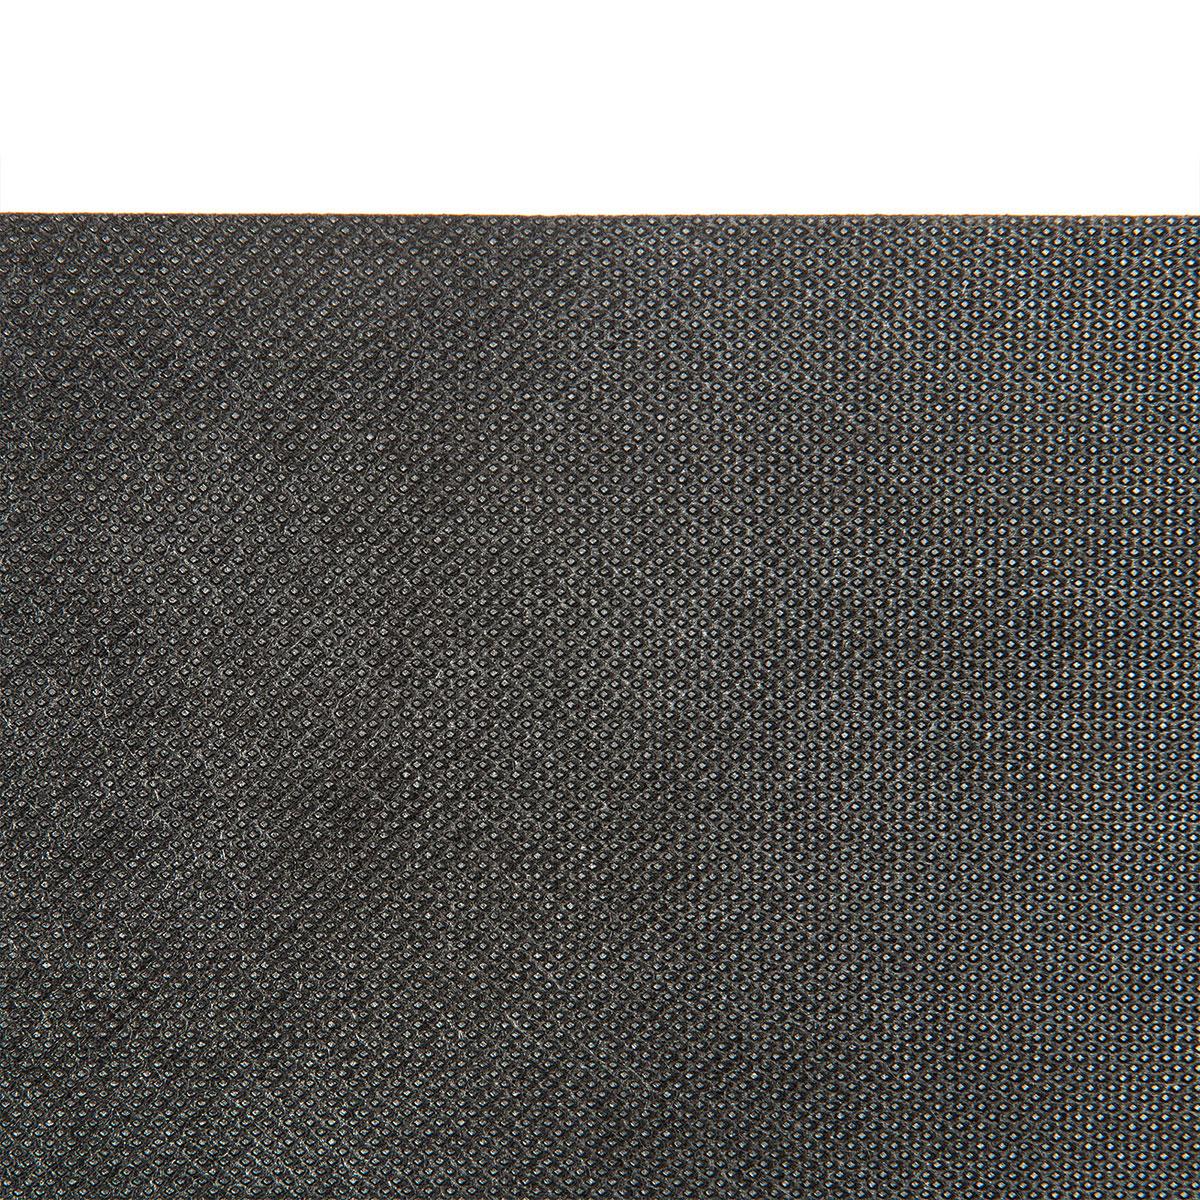 Meterware Unkrautvlies Wurzelsperre Schutzvlies Gartenvlies HaGa® 150g 0,5m Br